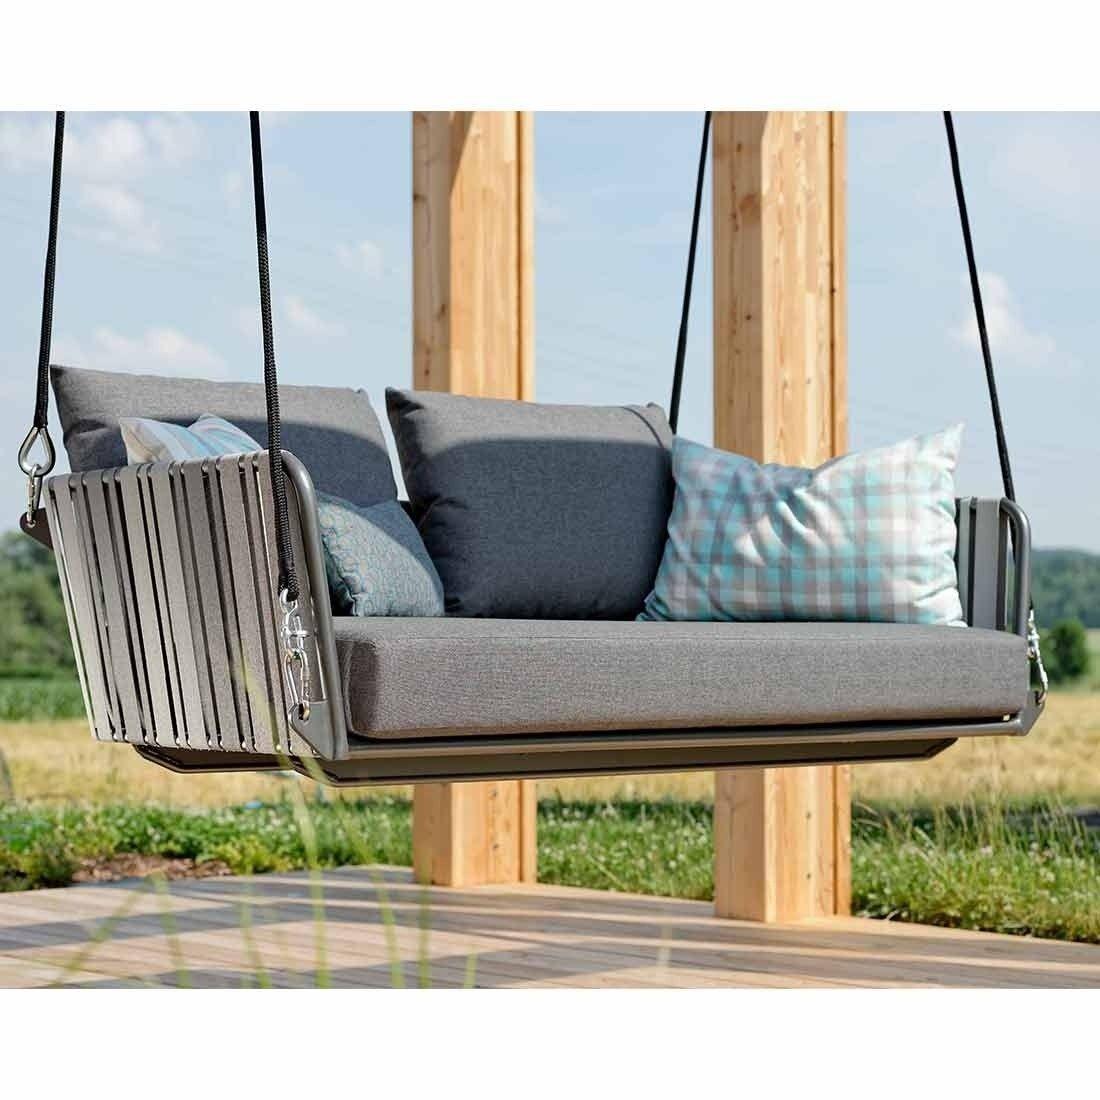 Stern Space 2 Sitzerschaukel Aluminium Gurtbespannung Terrassengestaltung Schaukelliege Schaukel